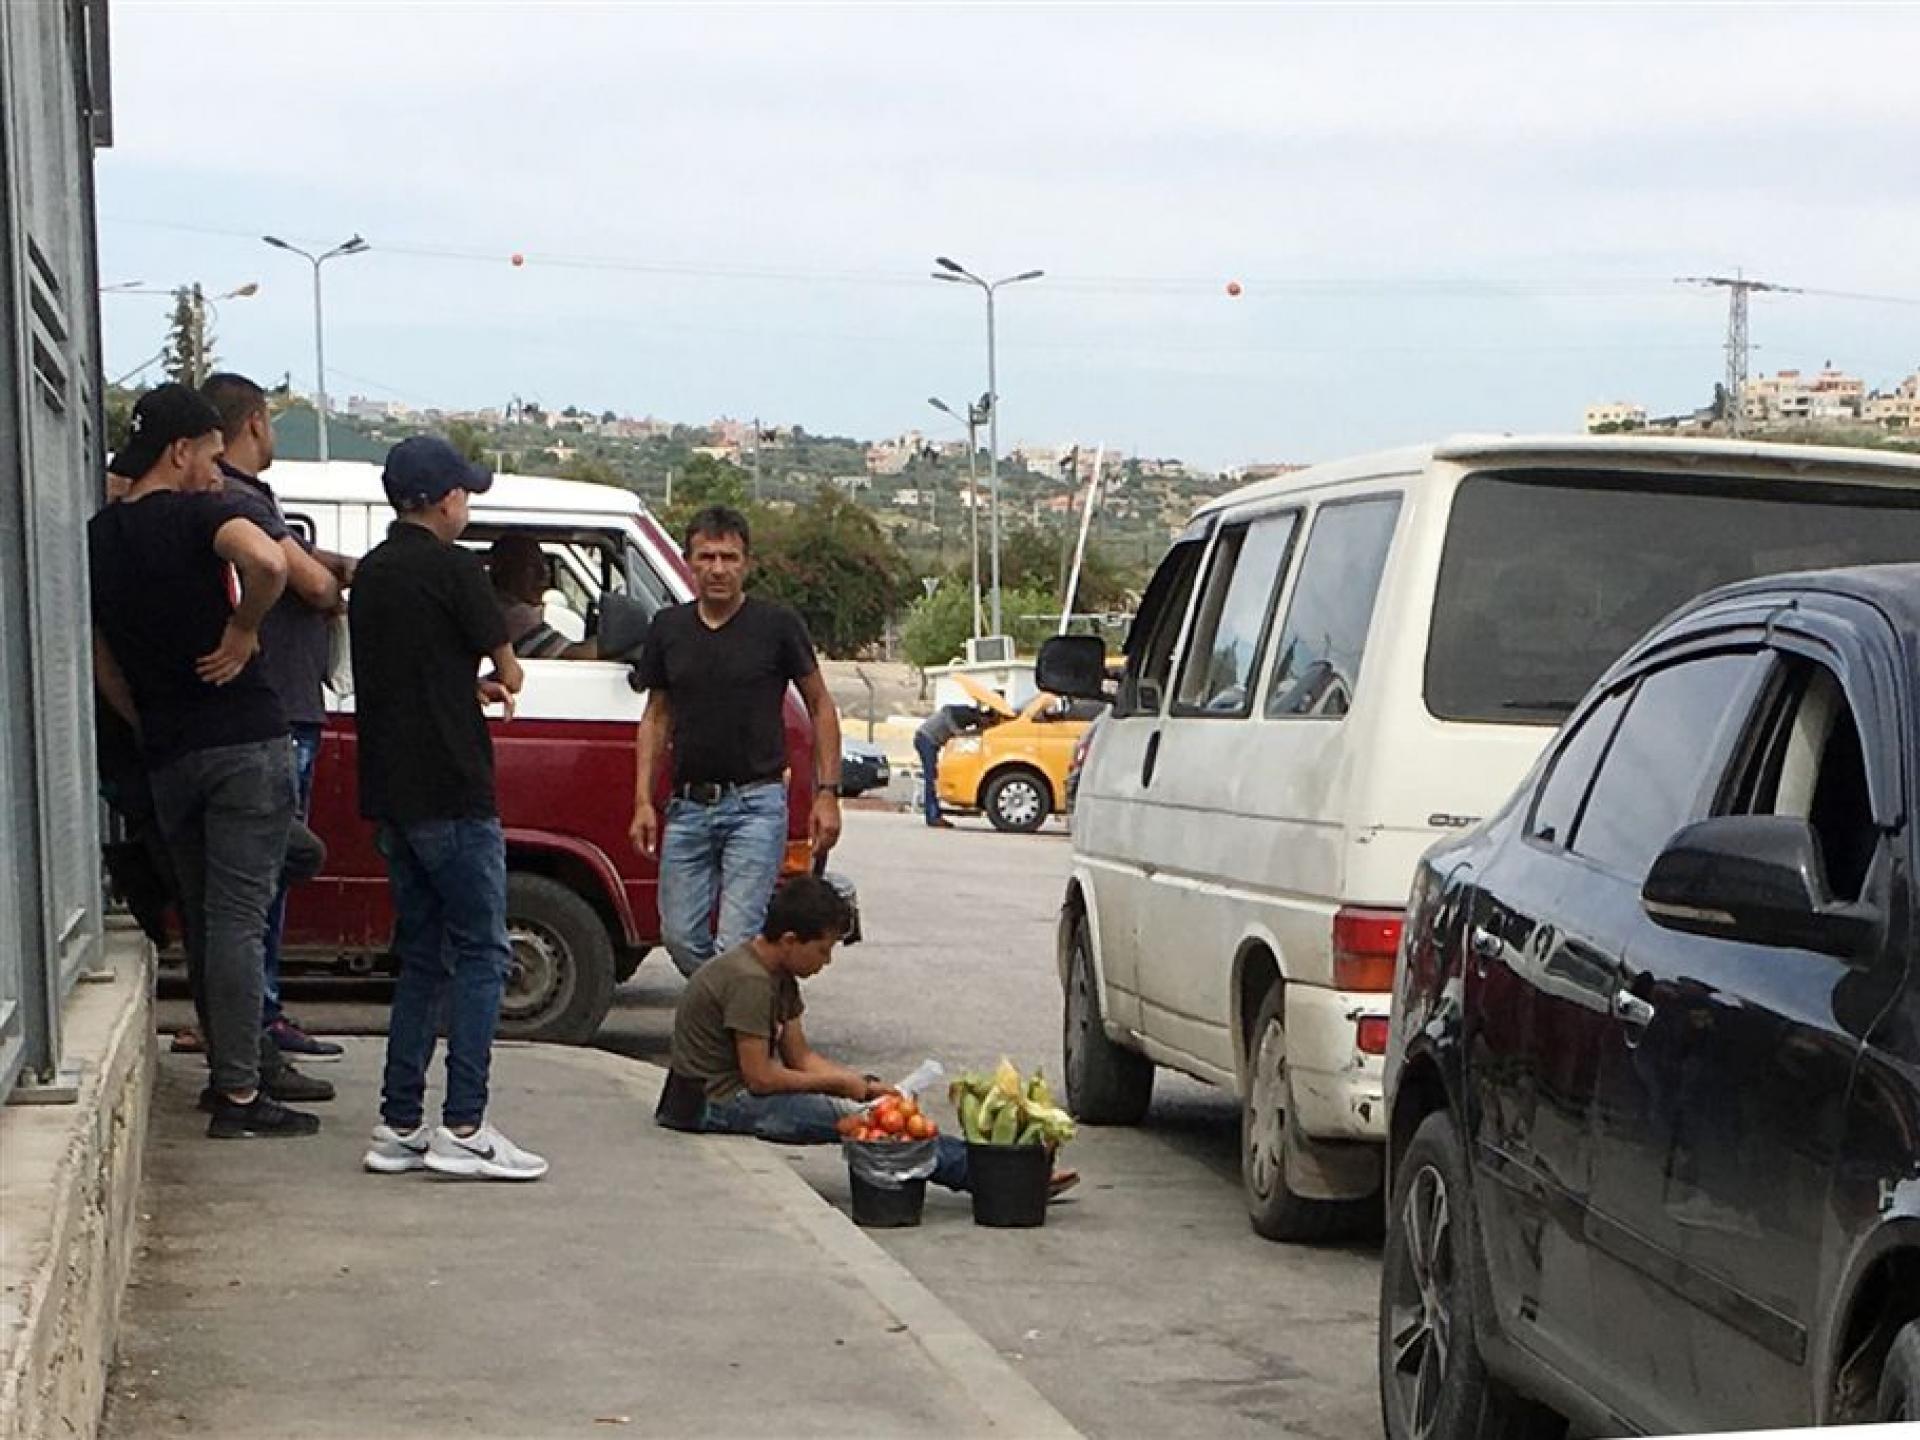 ילד, על שפת המדרכה בין מכוניות חונות מוכר דלי עם תירס ודלי עם עגבניות